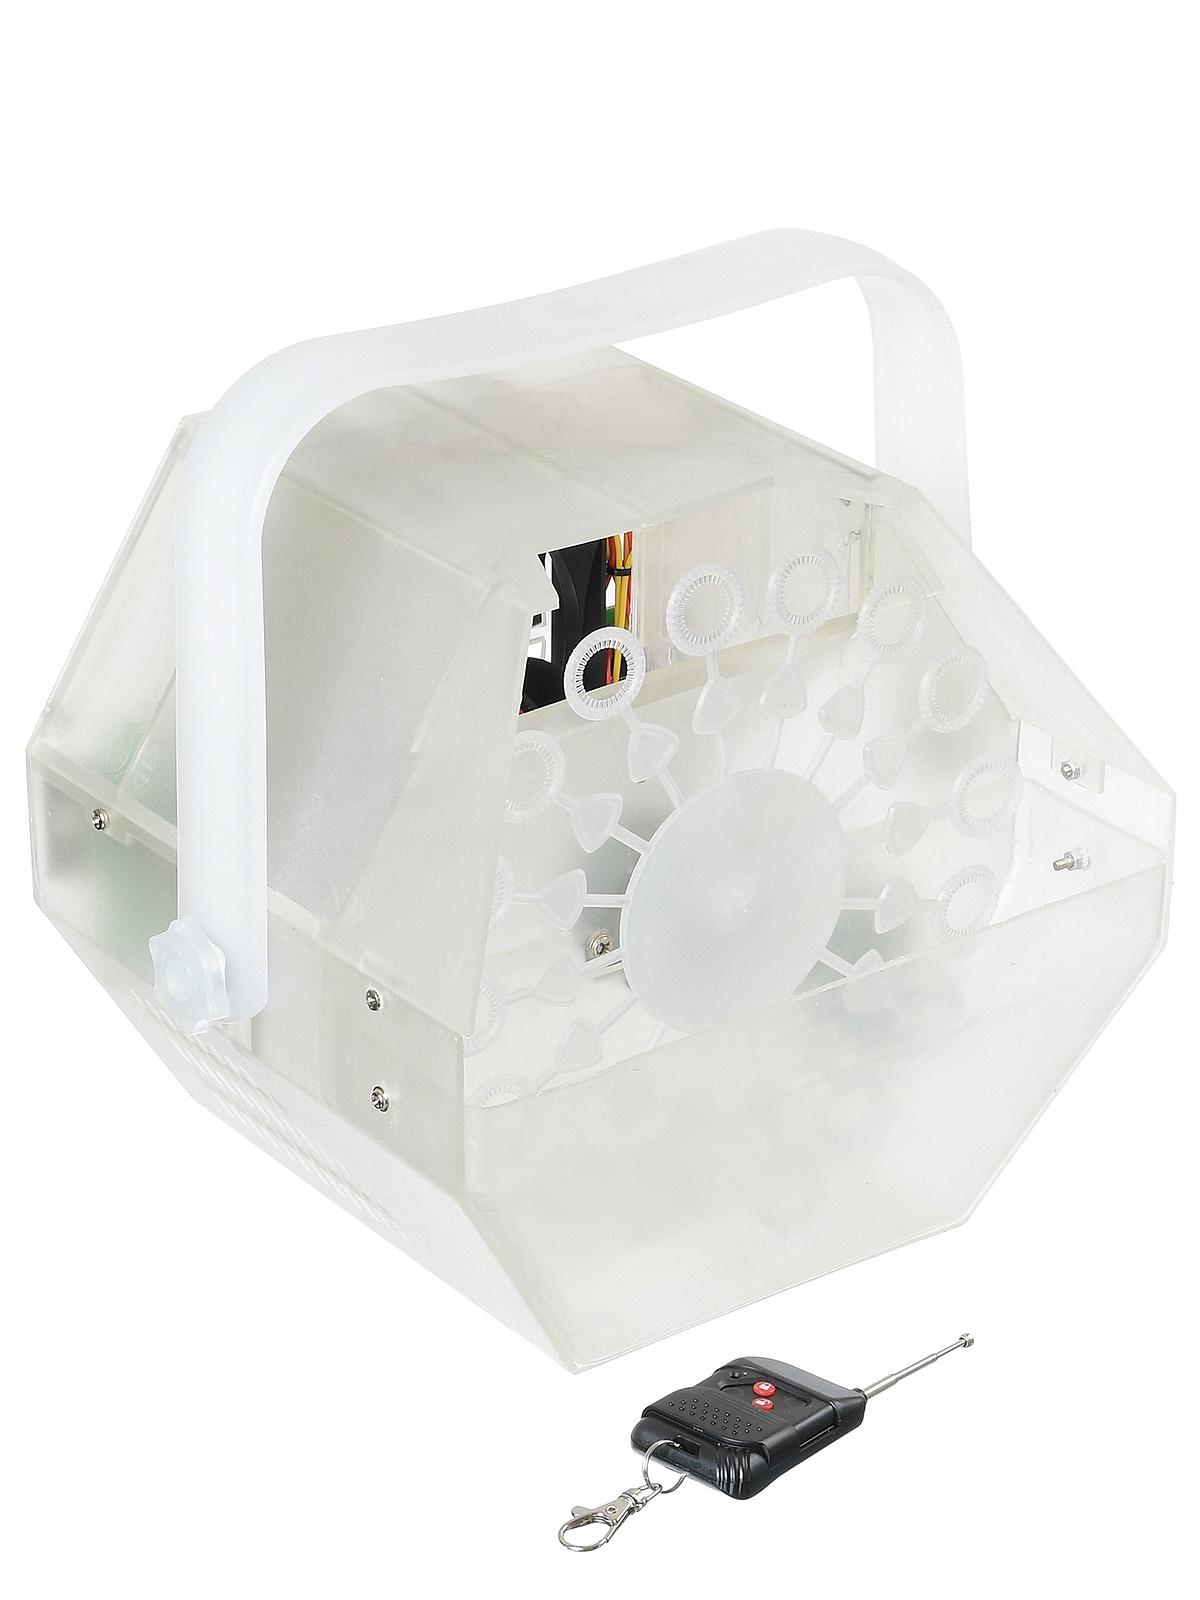 X-POWER X-021A LED REMOTE- Генератор мыльных пузырей со светодиодной подсветкой, беспроводной пульт в комплекте